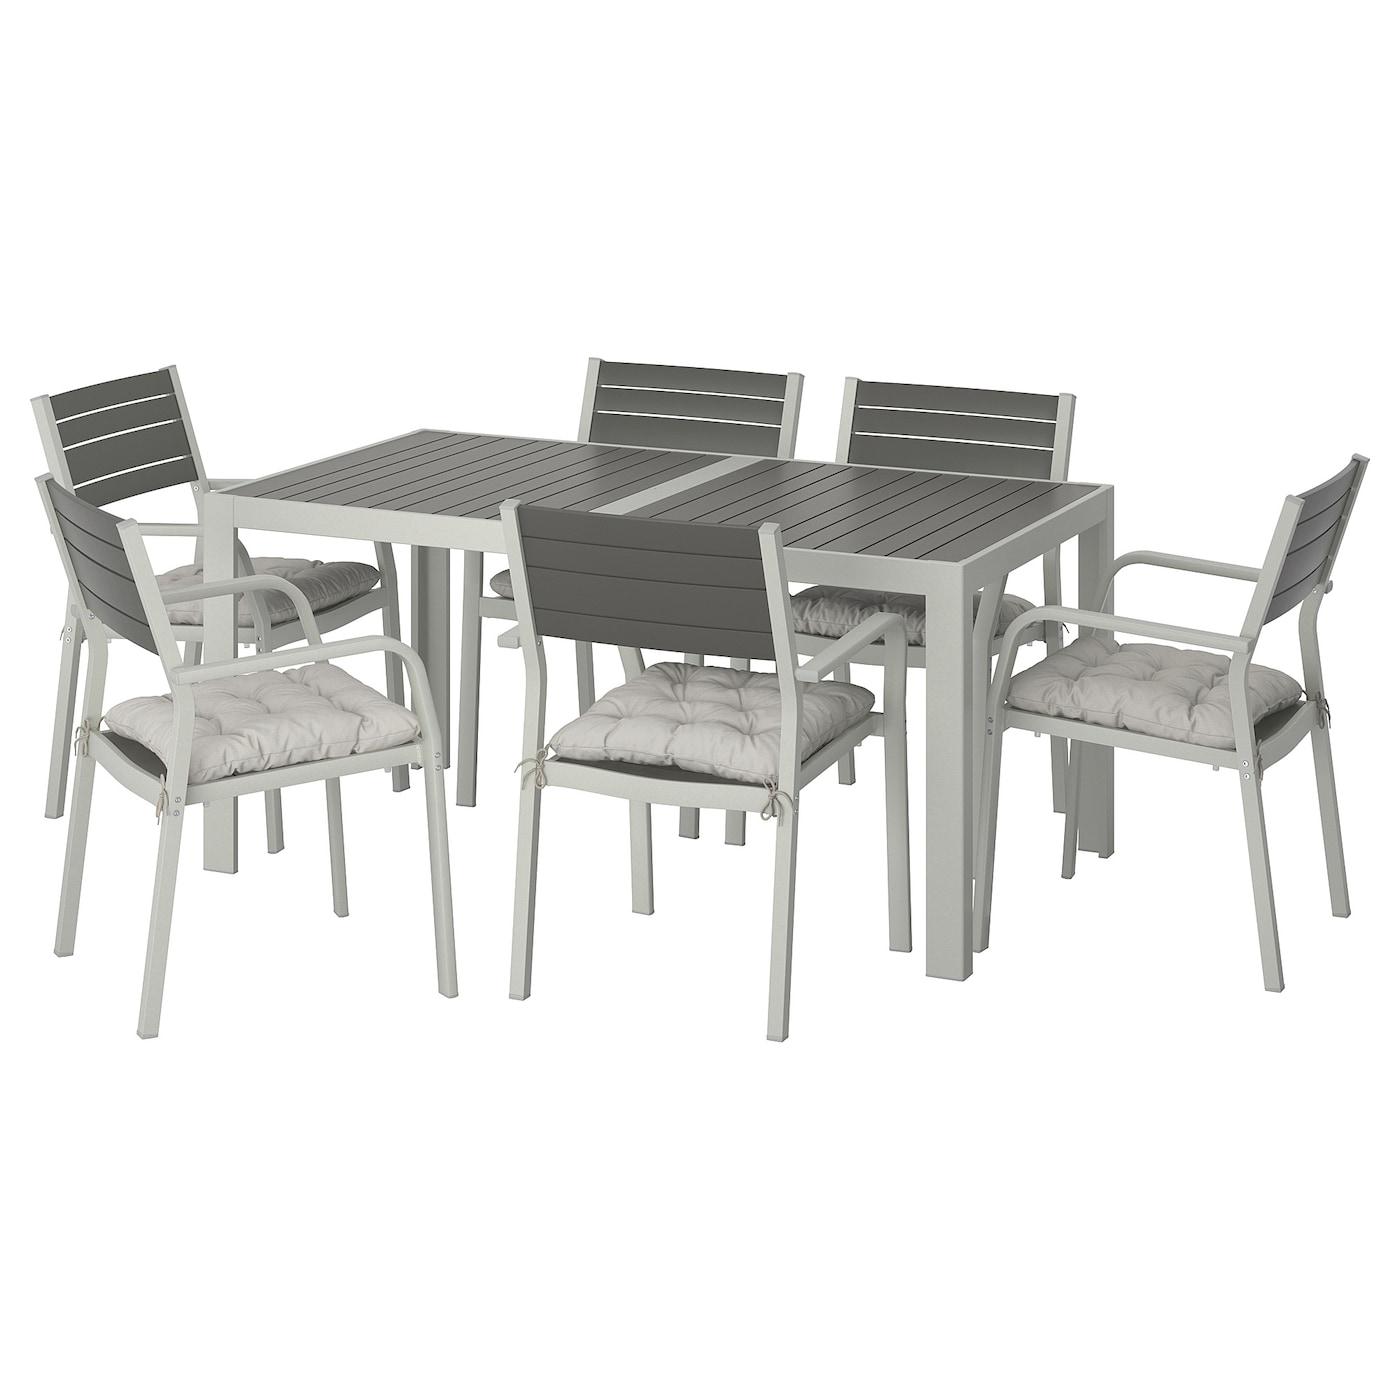 Gartenmöbel Set Online Kaufen Möbel Suchmaschine Ladendirektde